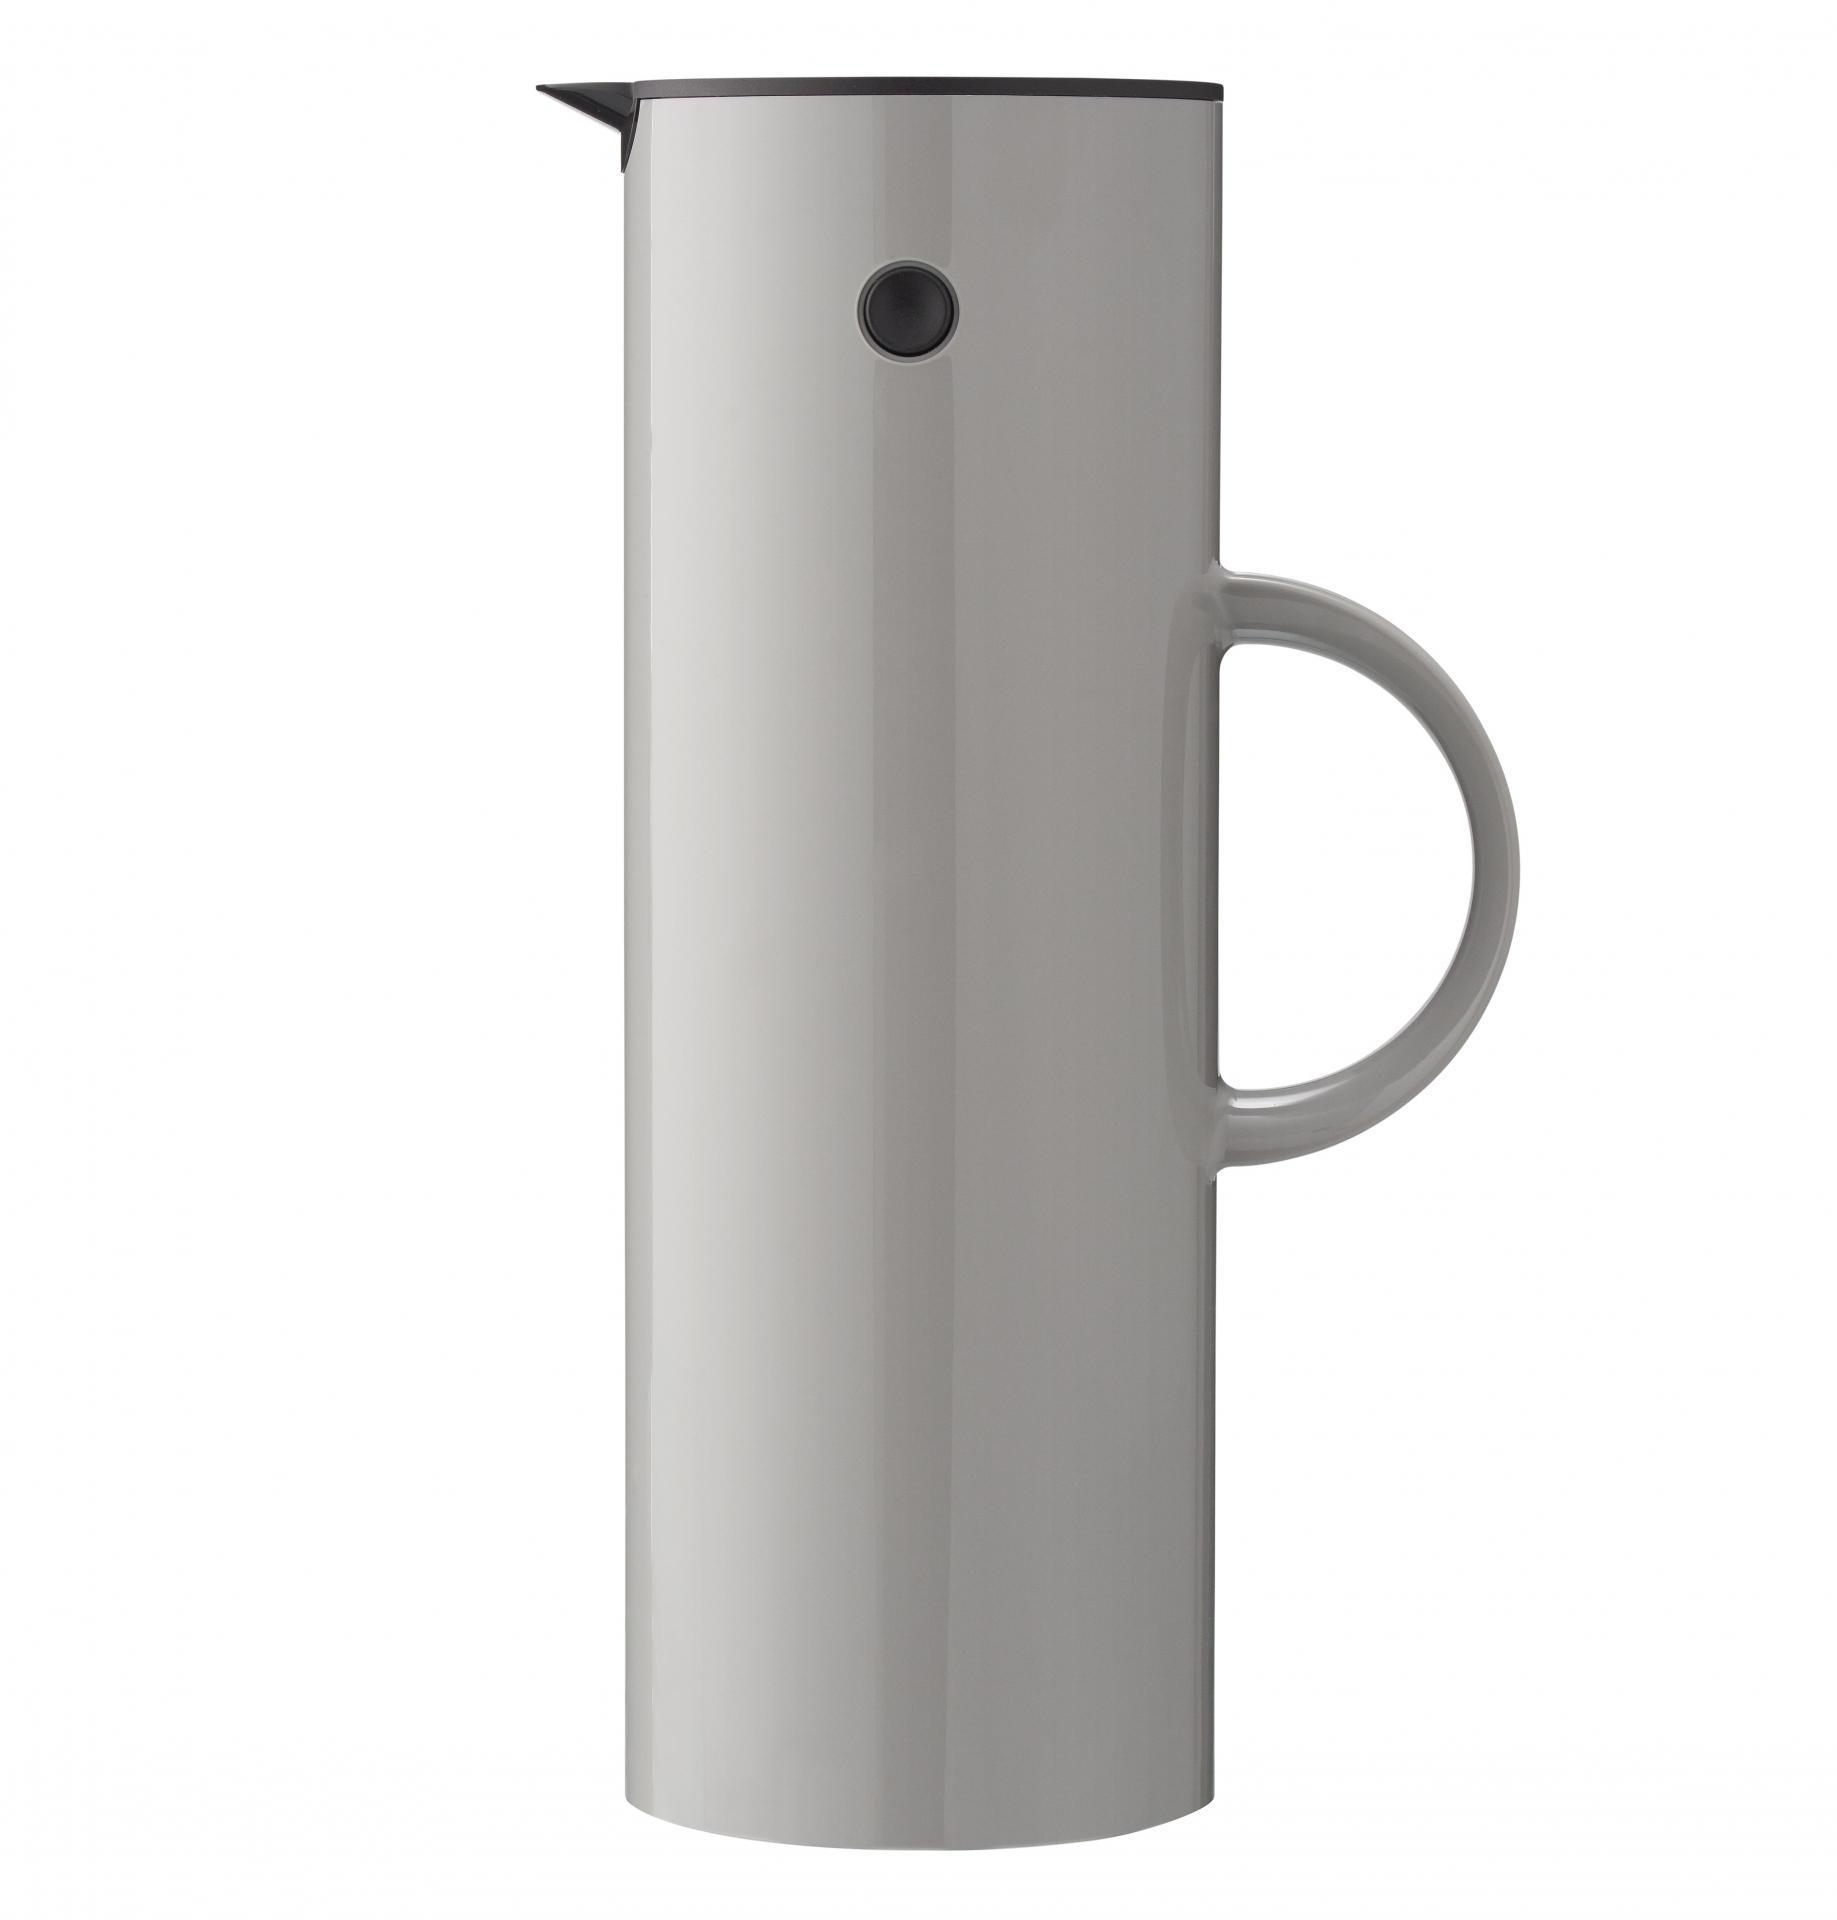 Stelton Termokonvice EM77 Light grey 1 l, šedá barva, sklo, plast